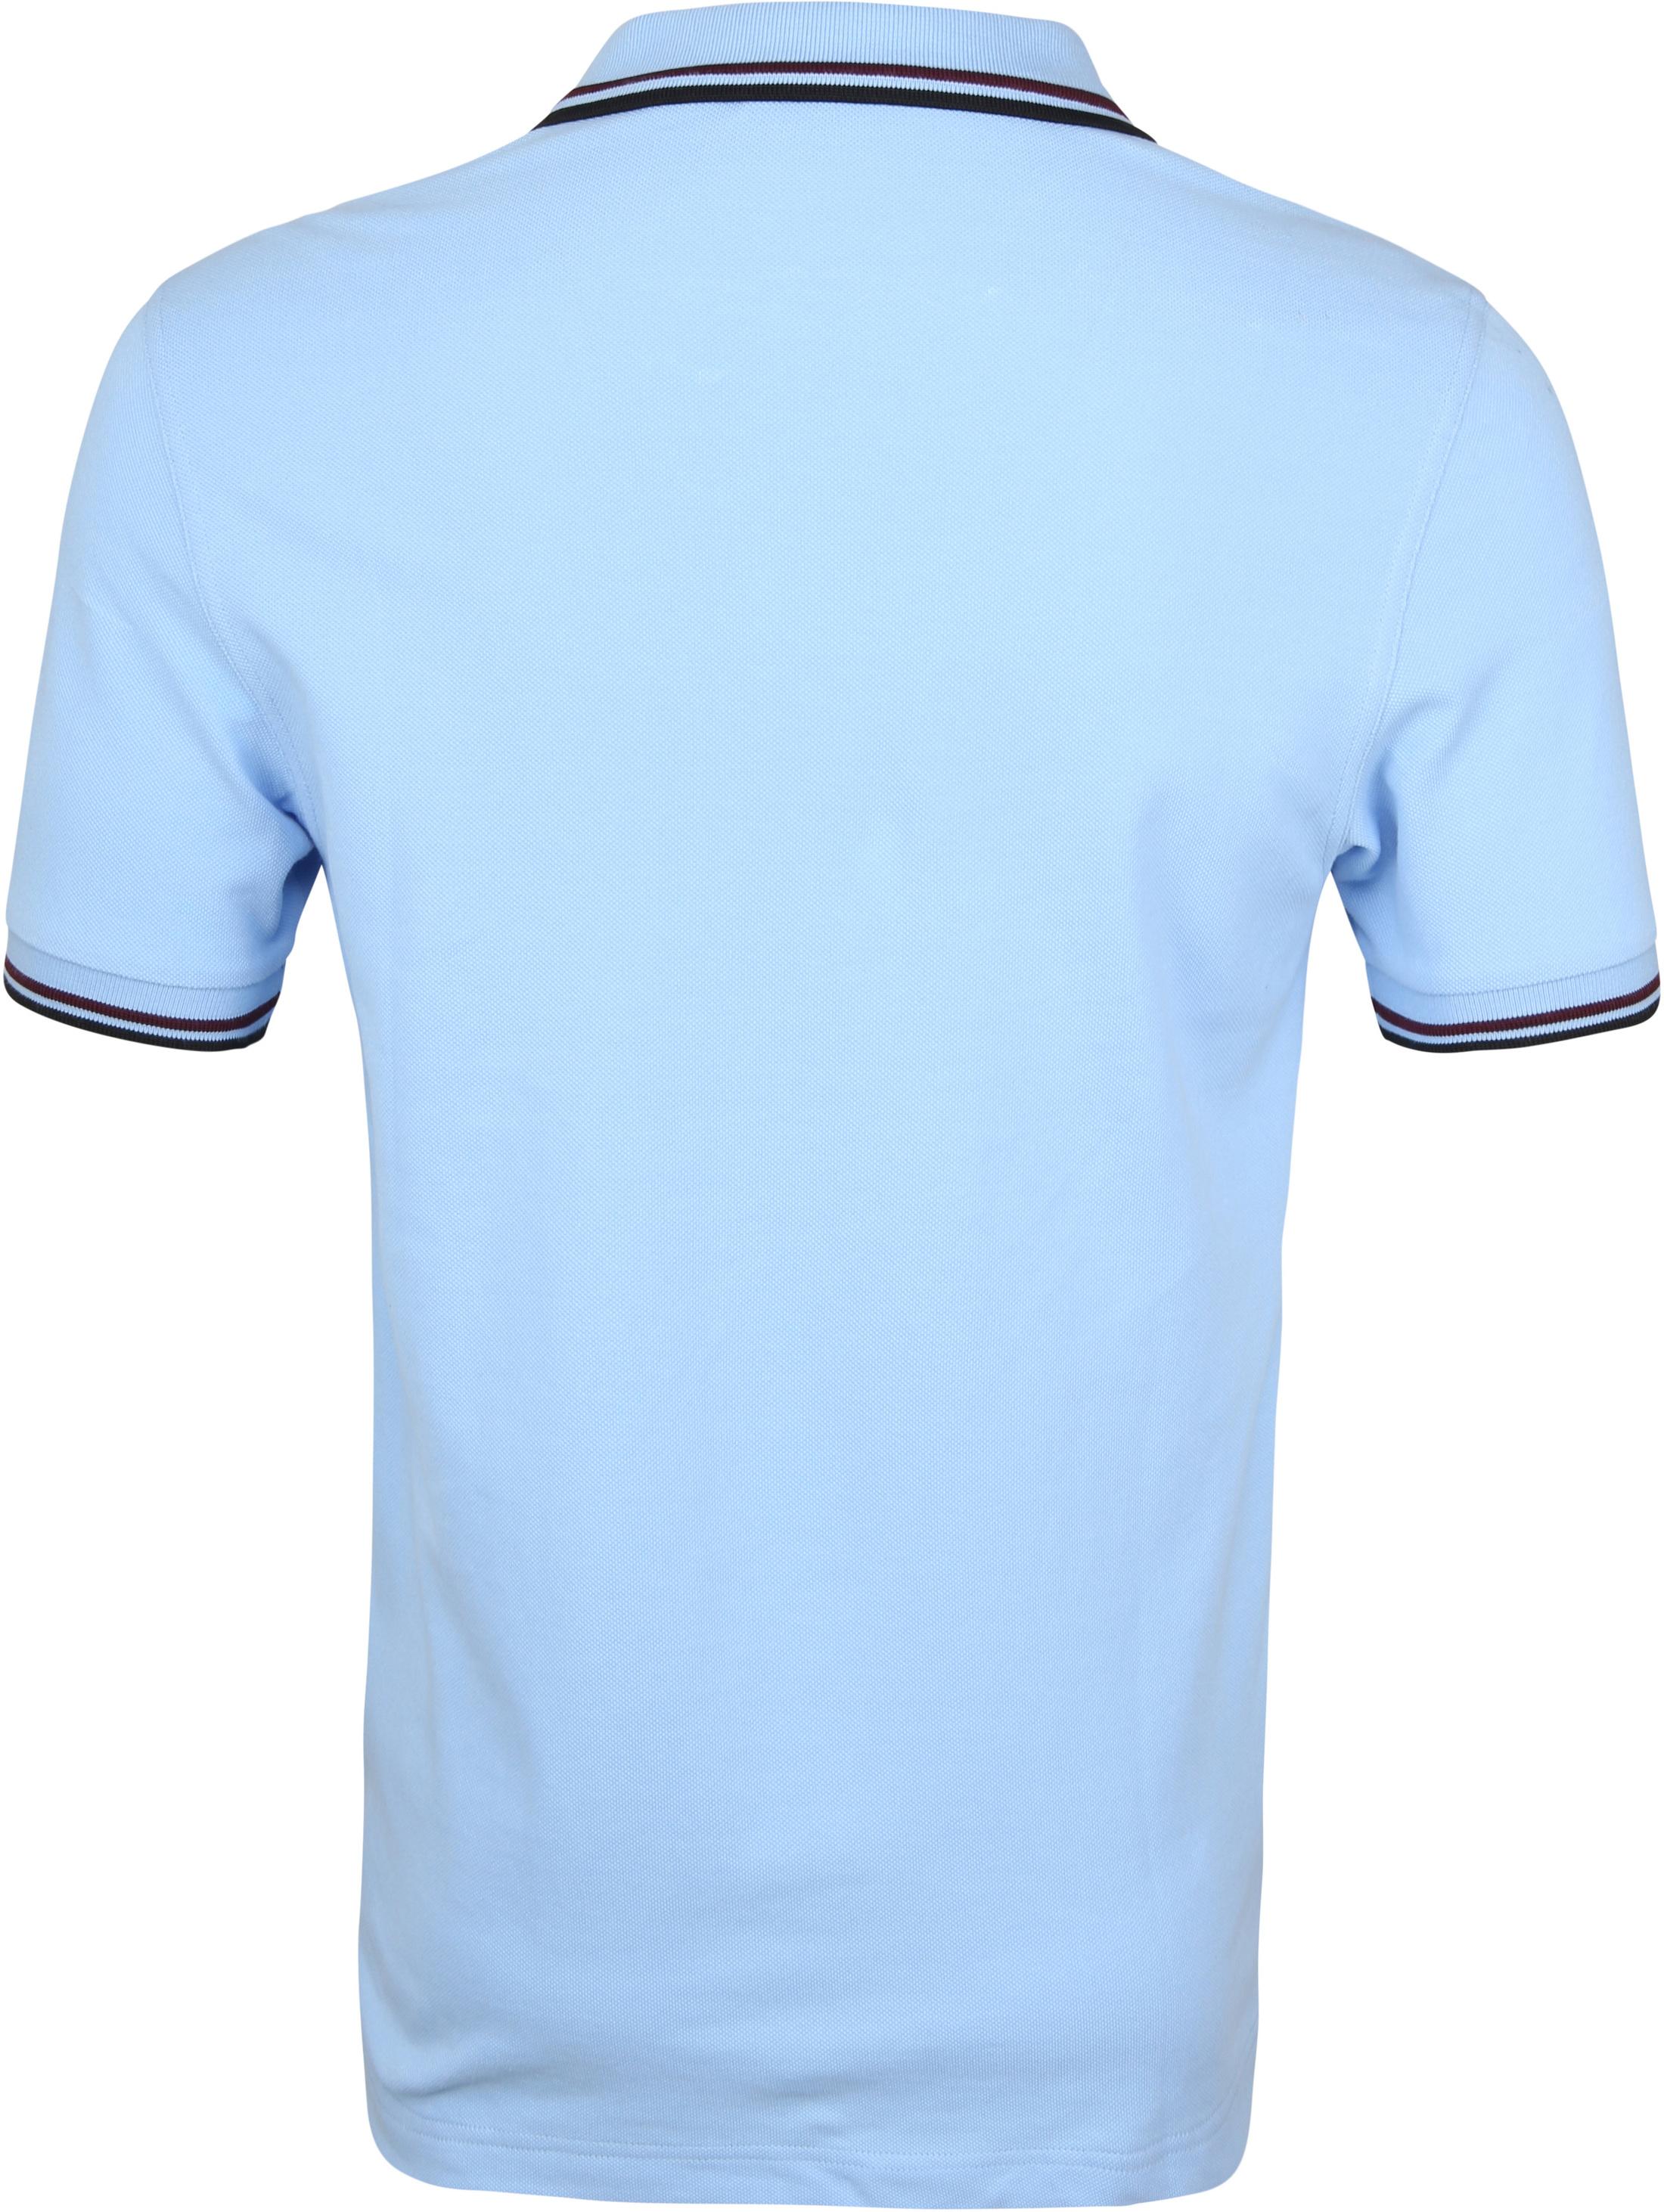 Sun68 Poloshirt Small Stripe Blau SF foto 5